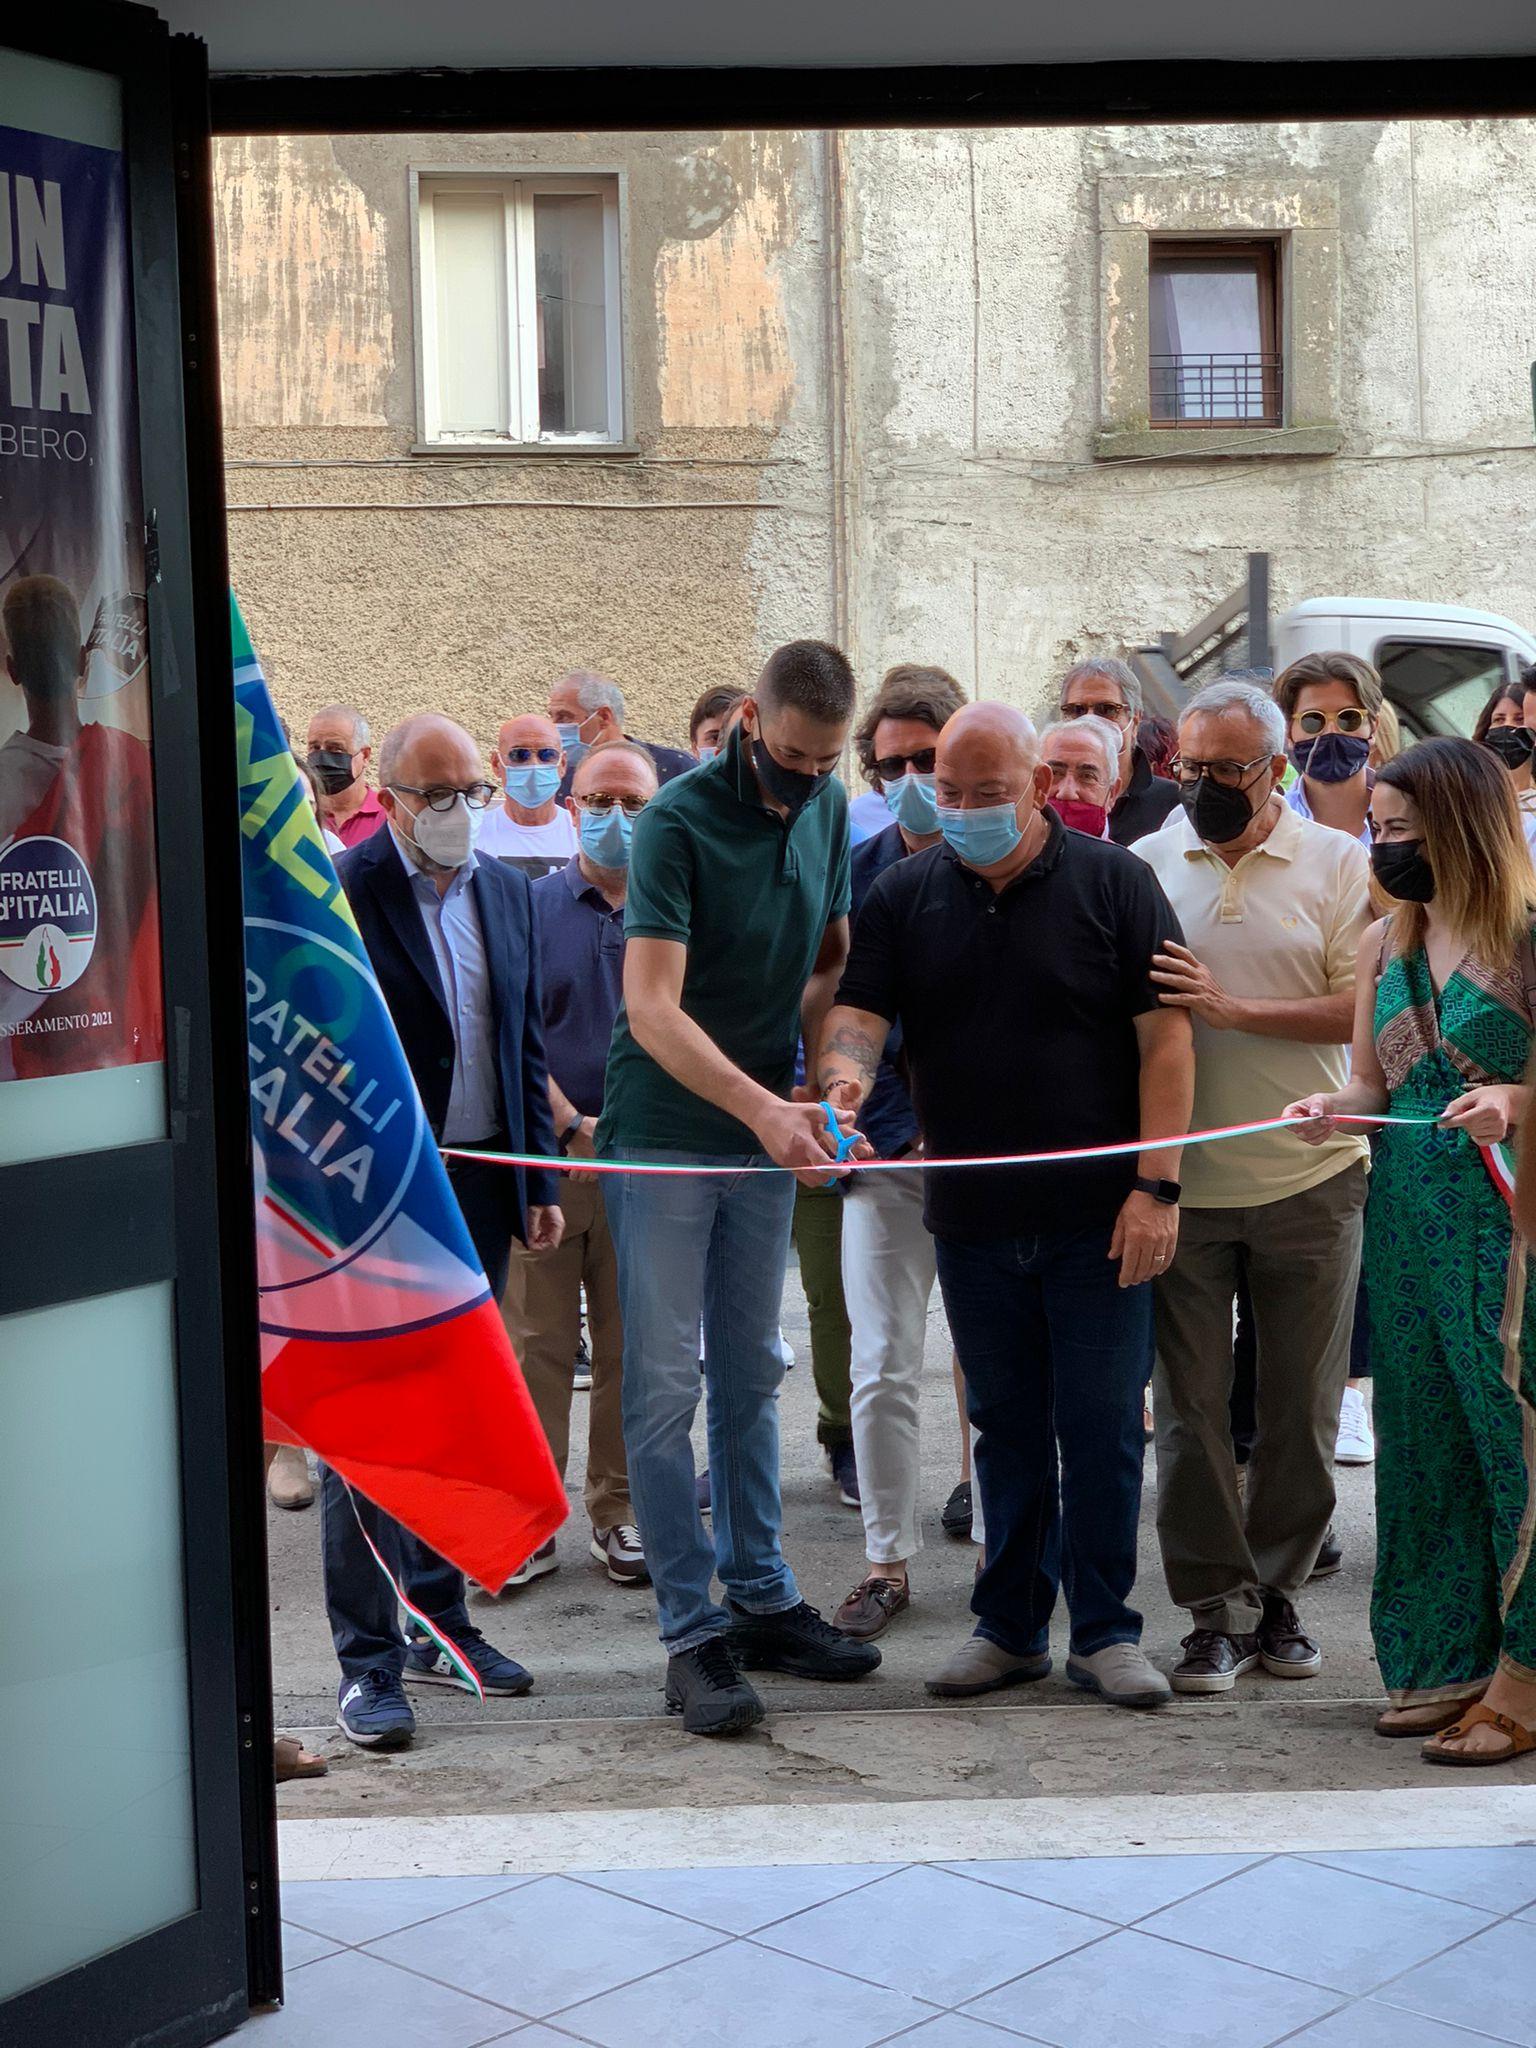 APRE IL CIRCOLO DI FRATELLI D'ITALIA A GROTTE SANTO STEFANO